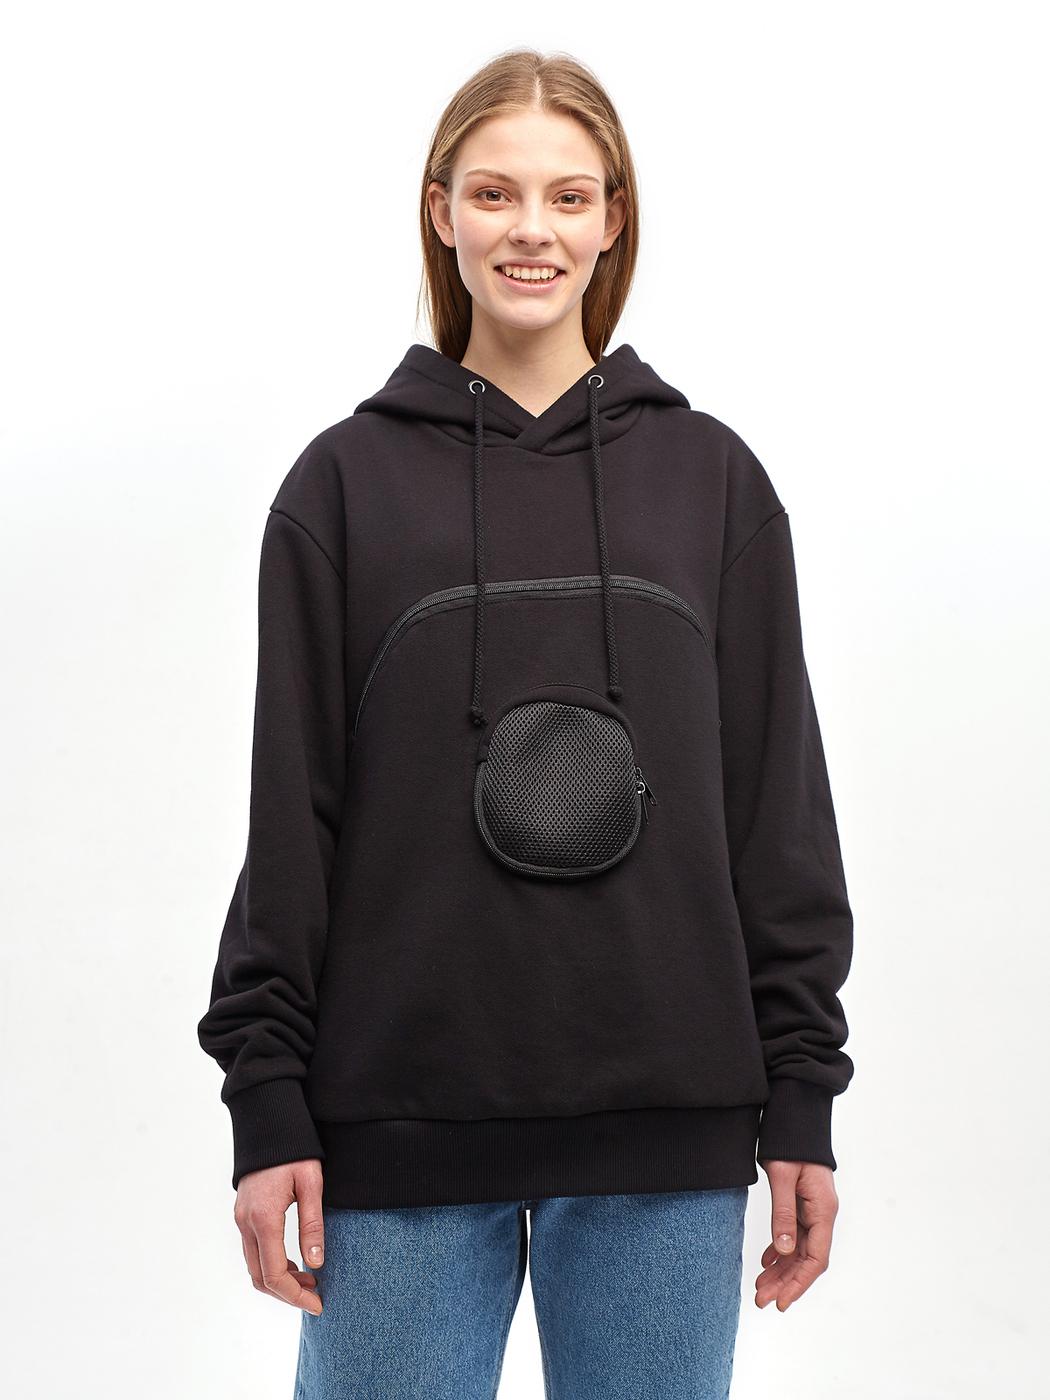 Толстовка с карманом для переноски животных ORZ-design (oversize)